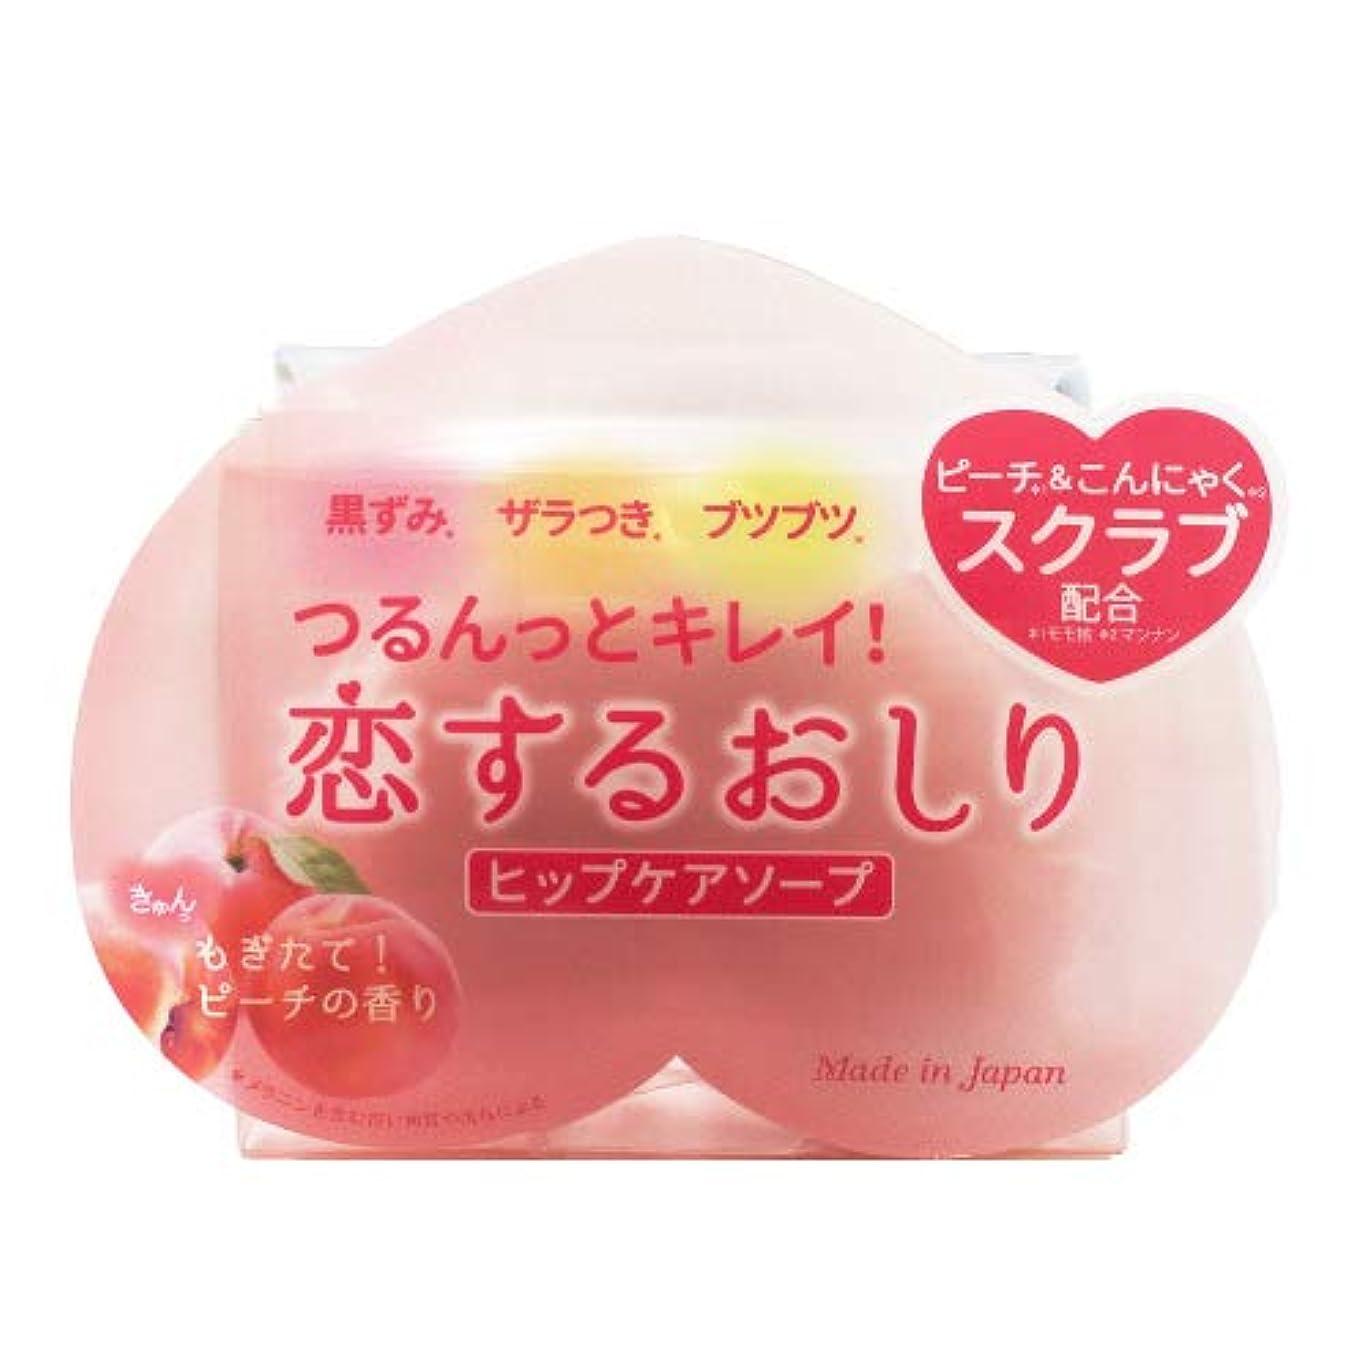 におい発送コマースペリカン石鹸 恋するおしり ヒップケアソープ 80g